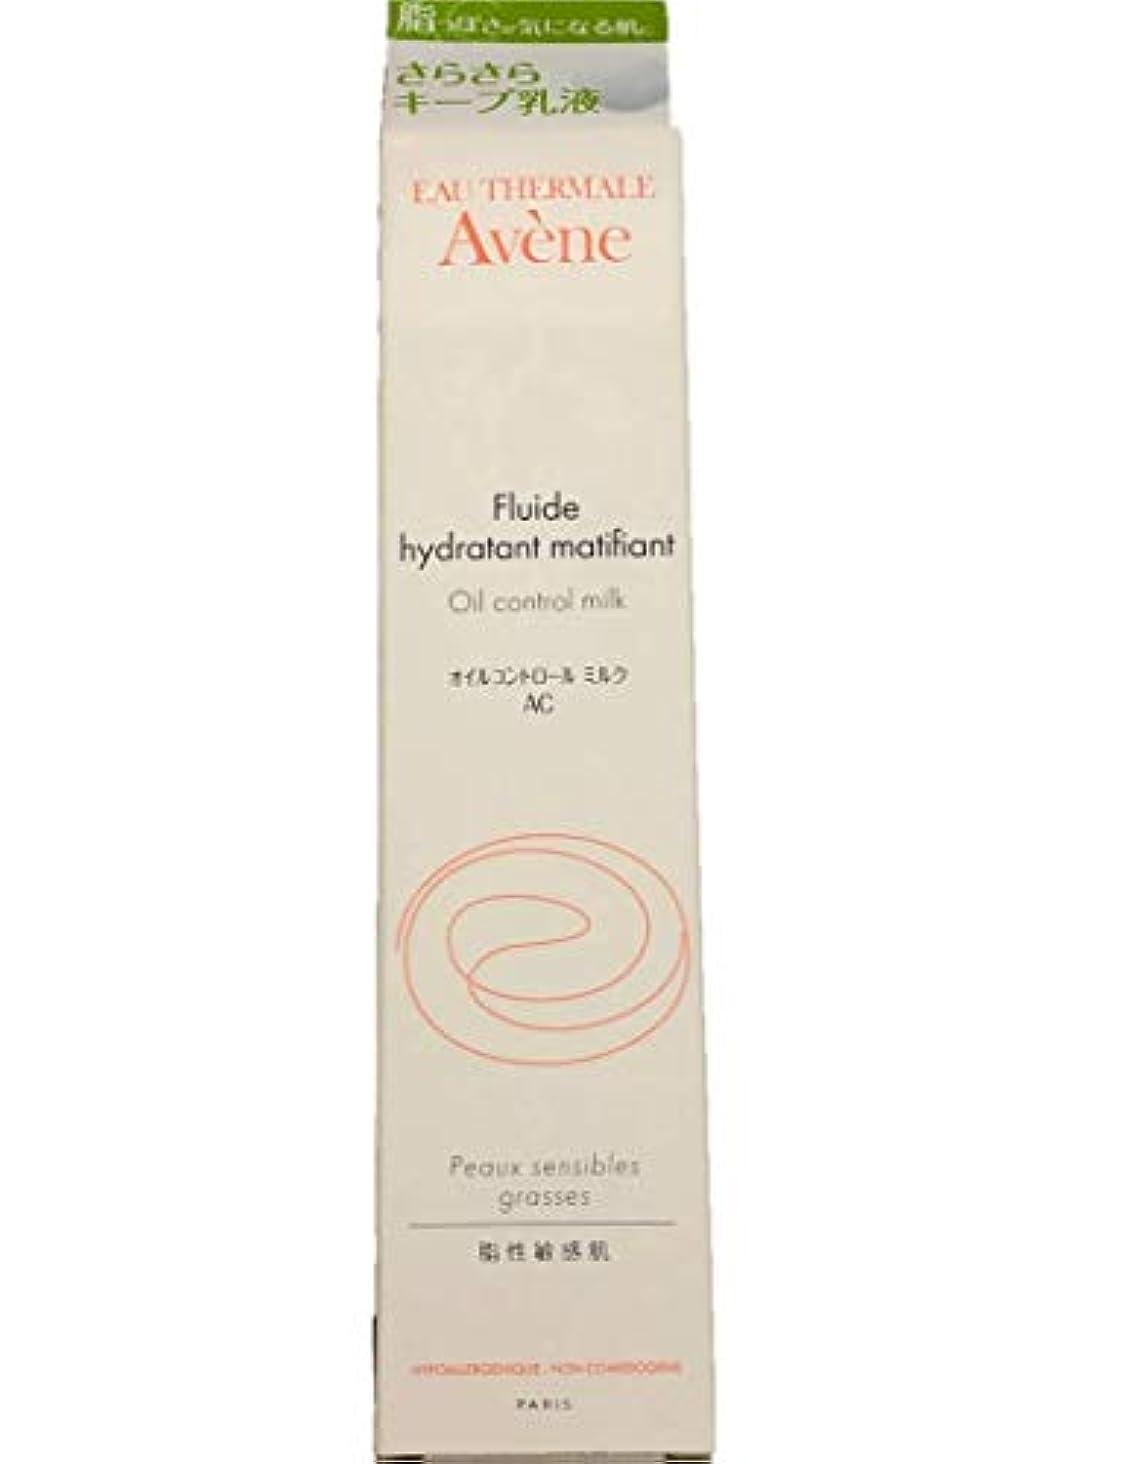 乱れバリケードアプローチアベンヌ Avene オイルコントロール ミルク AC 50mL (アヴェンヌ)【国内正規品】